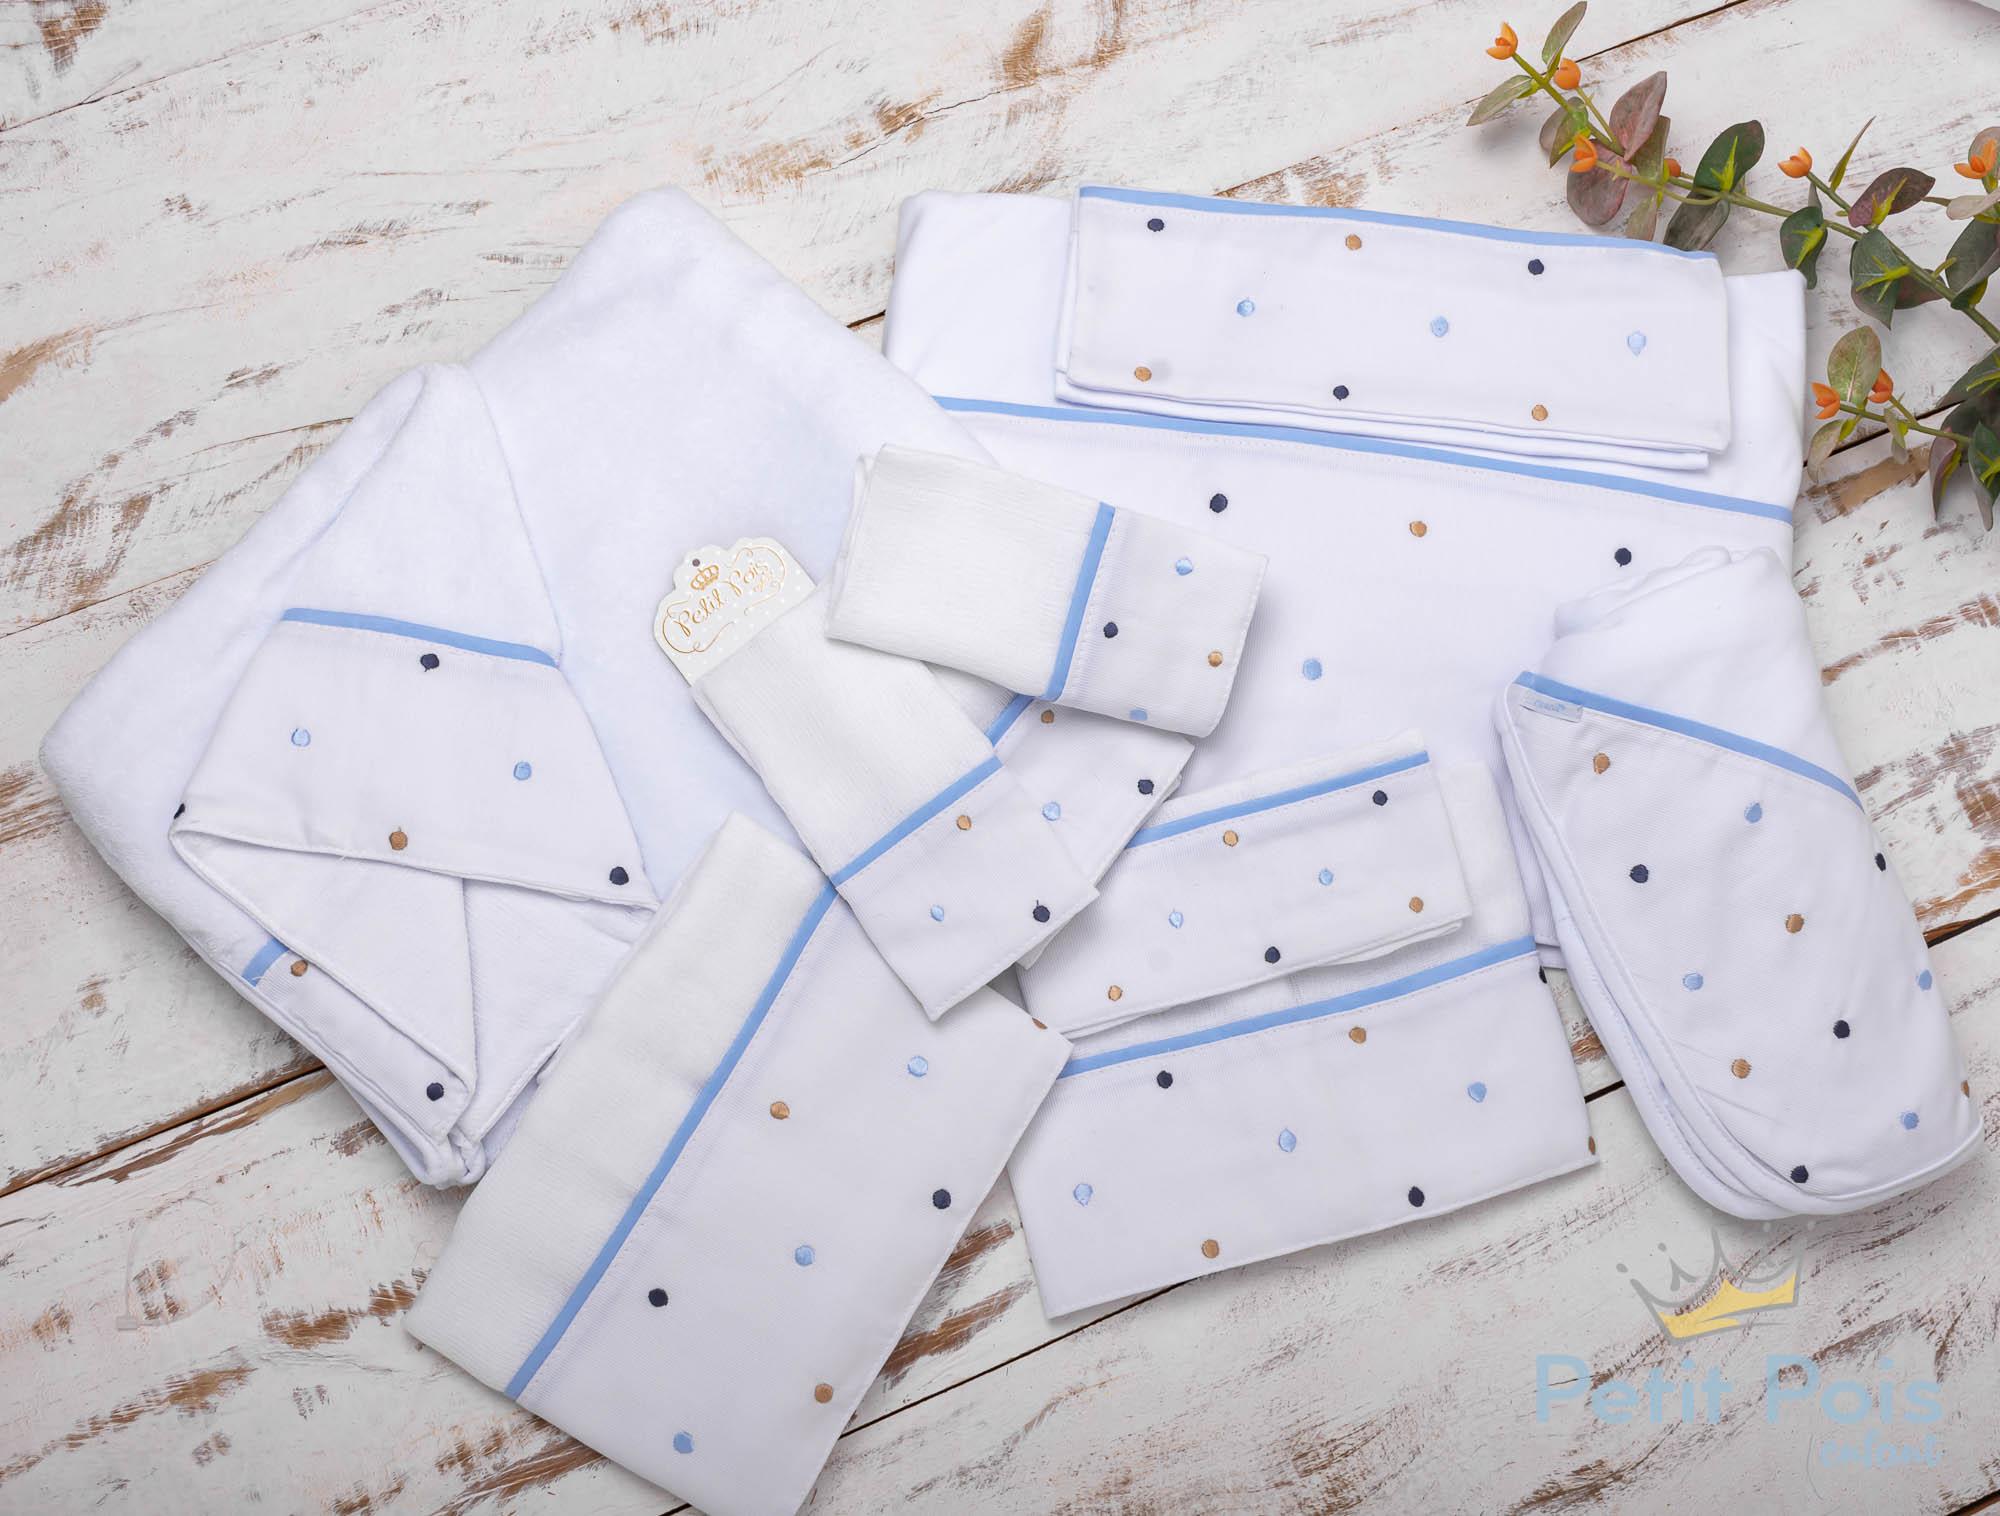 Kit enxoval 6 peças poás - Branco e azul bebê